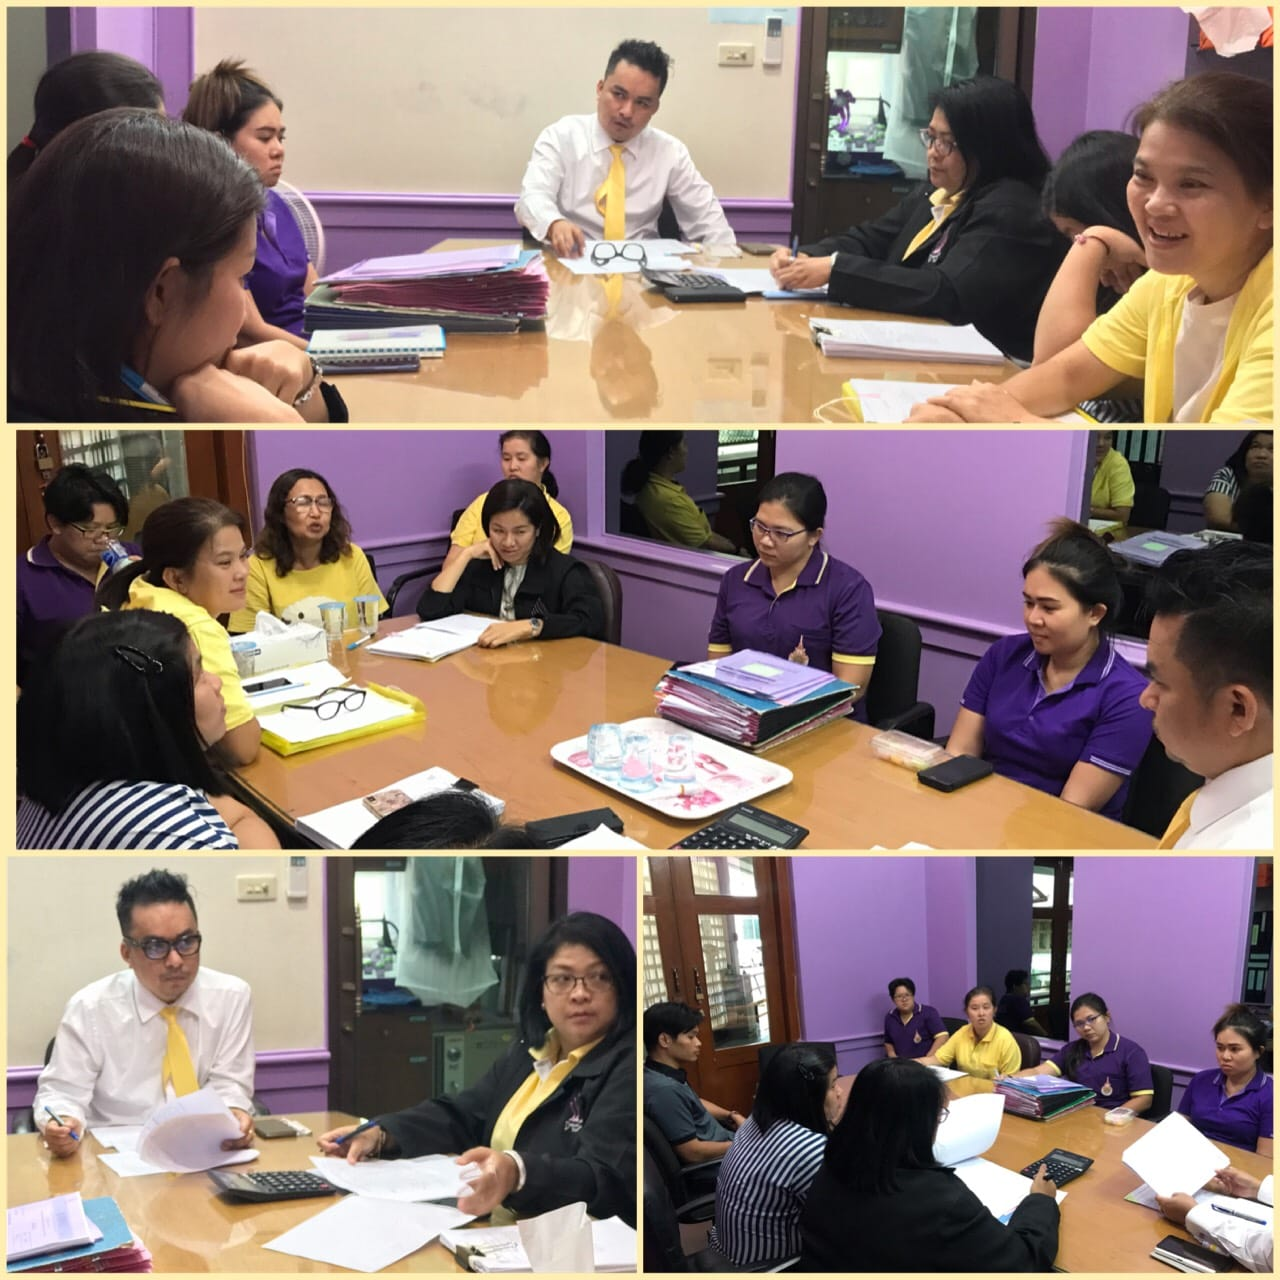 เมื่อวันที่ 15 พฤษภาคม 2562 ผู้บริหารคณะ ประชุมผู้มีส่วนเกี่ยวข้องกับการทำโครงการ เพื่อปรับปรุงวิธีการทำโครงการ และการเบิกจ่ายเงิน ให้มีความถูกต้อง และเป็นระบบที่ชัดเจน